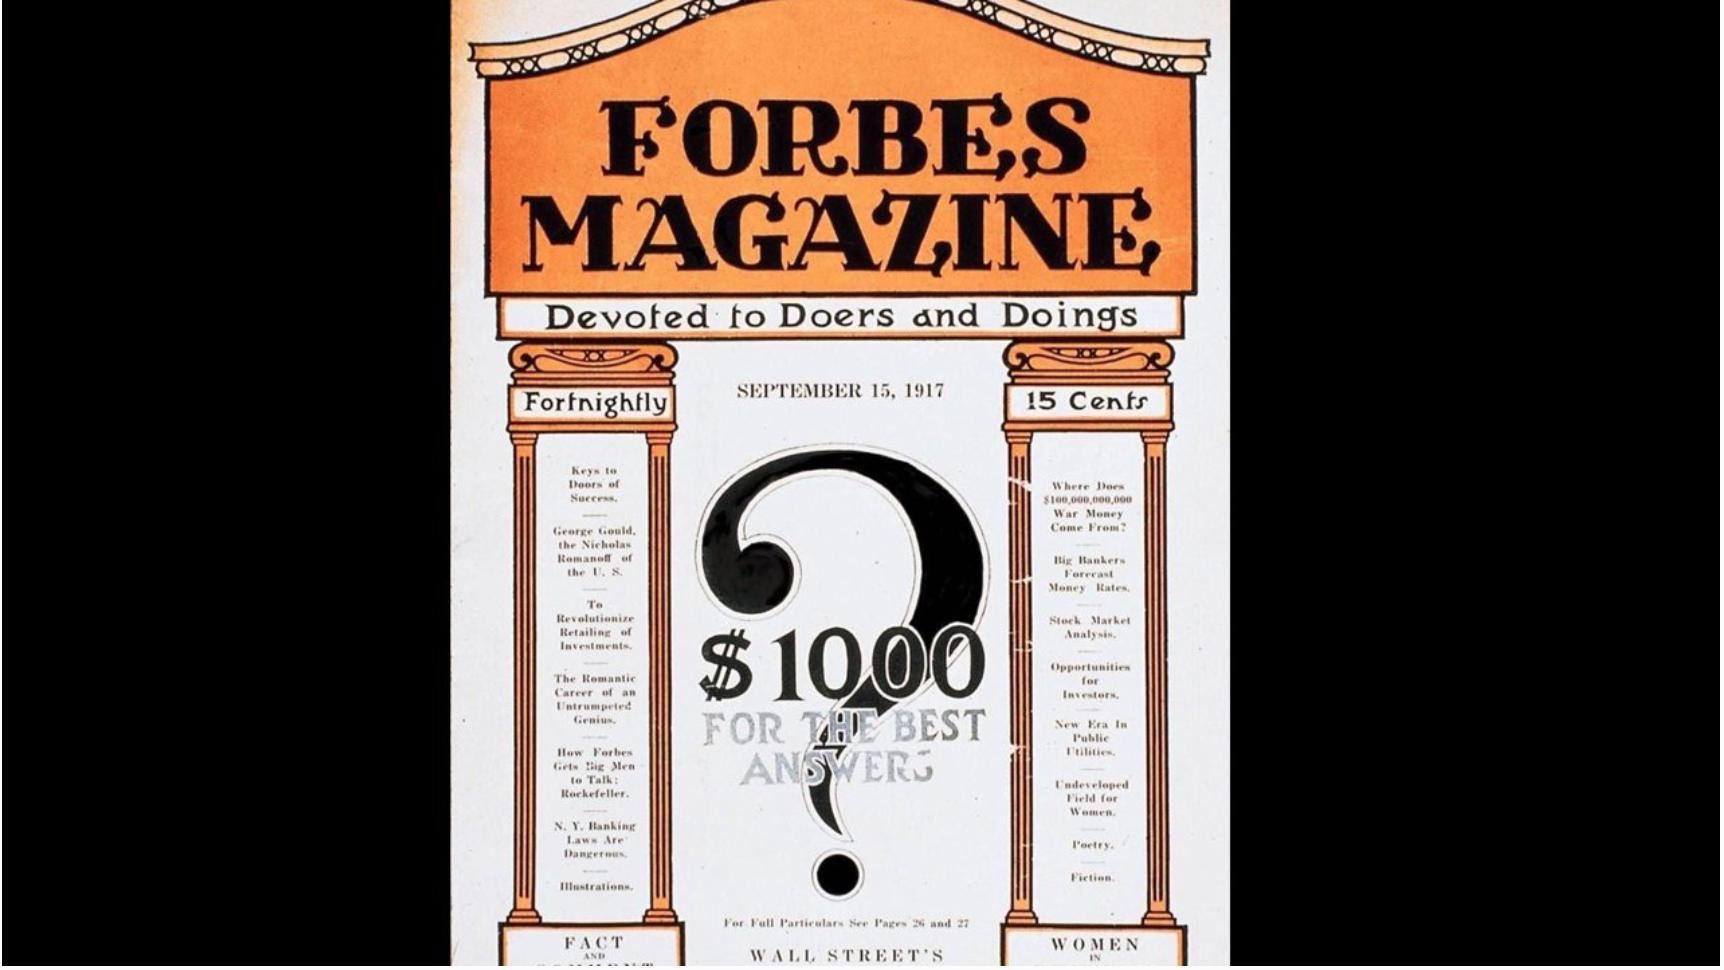 Hace 104 años se publicó el primer número de la revista Forbes